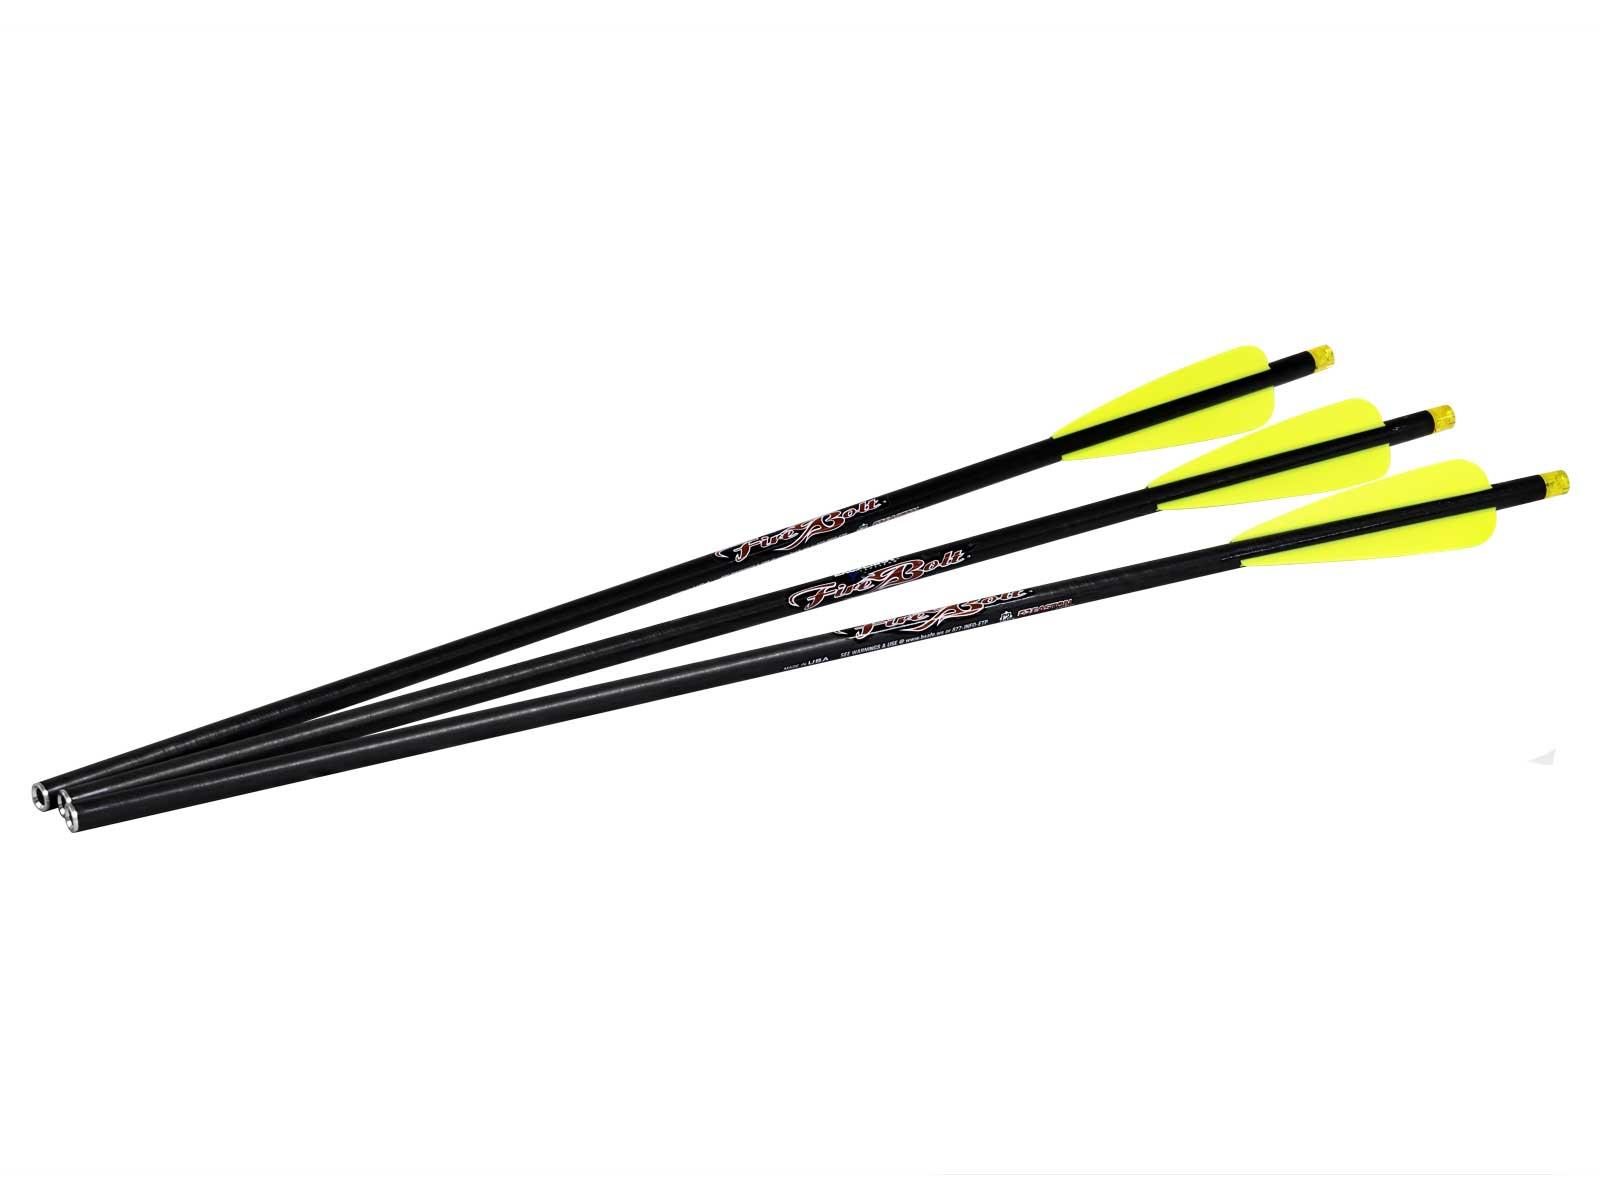 Firebolt Illuminated Carbon Arrow 3pk